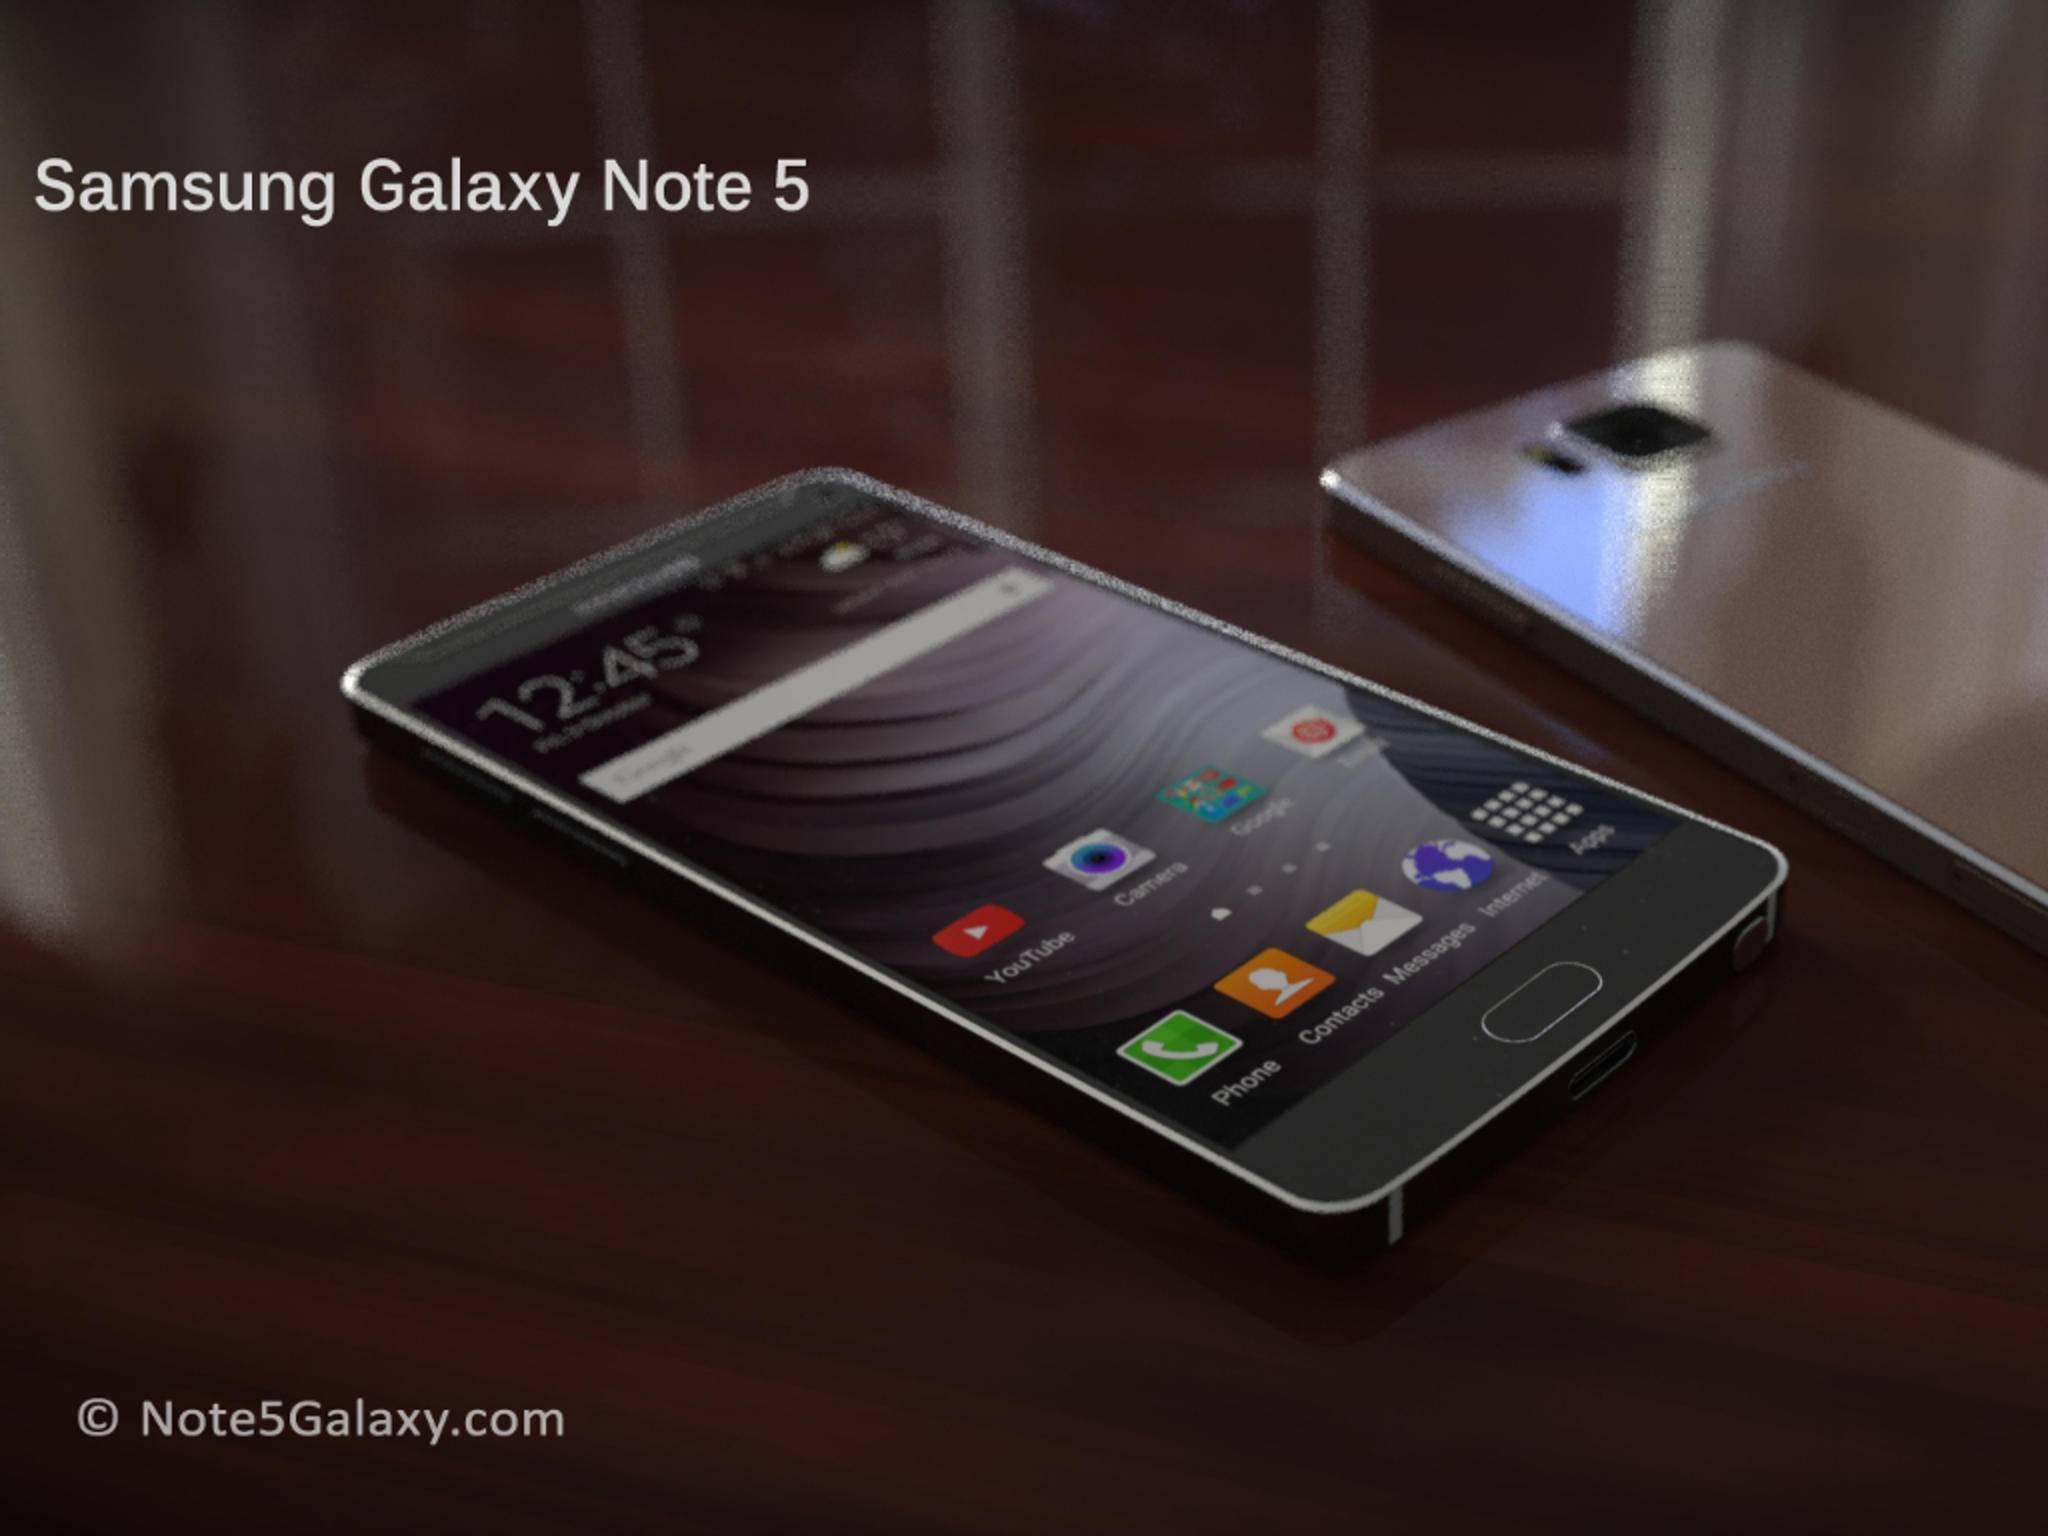 Eine Konzeptstudie des Galaxy Note 5: Wird das Gerät eine Super-Kamera bekommen?